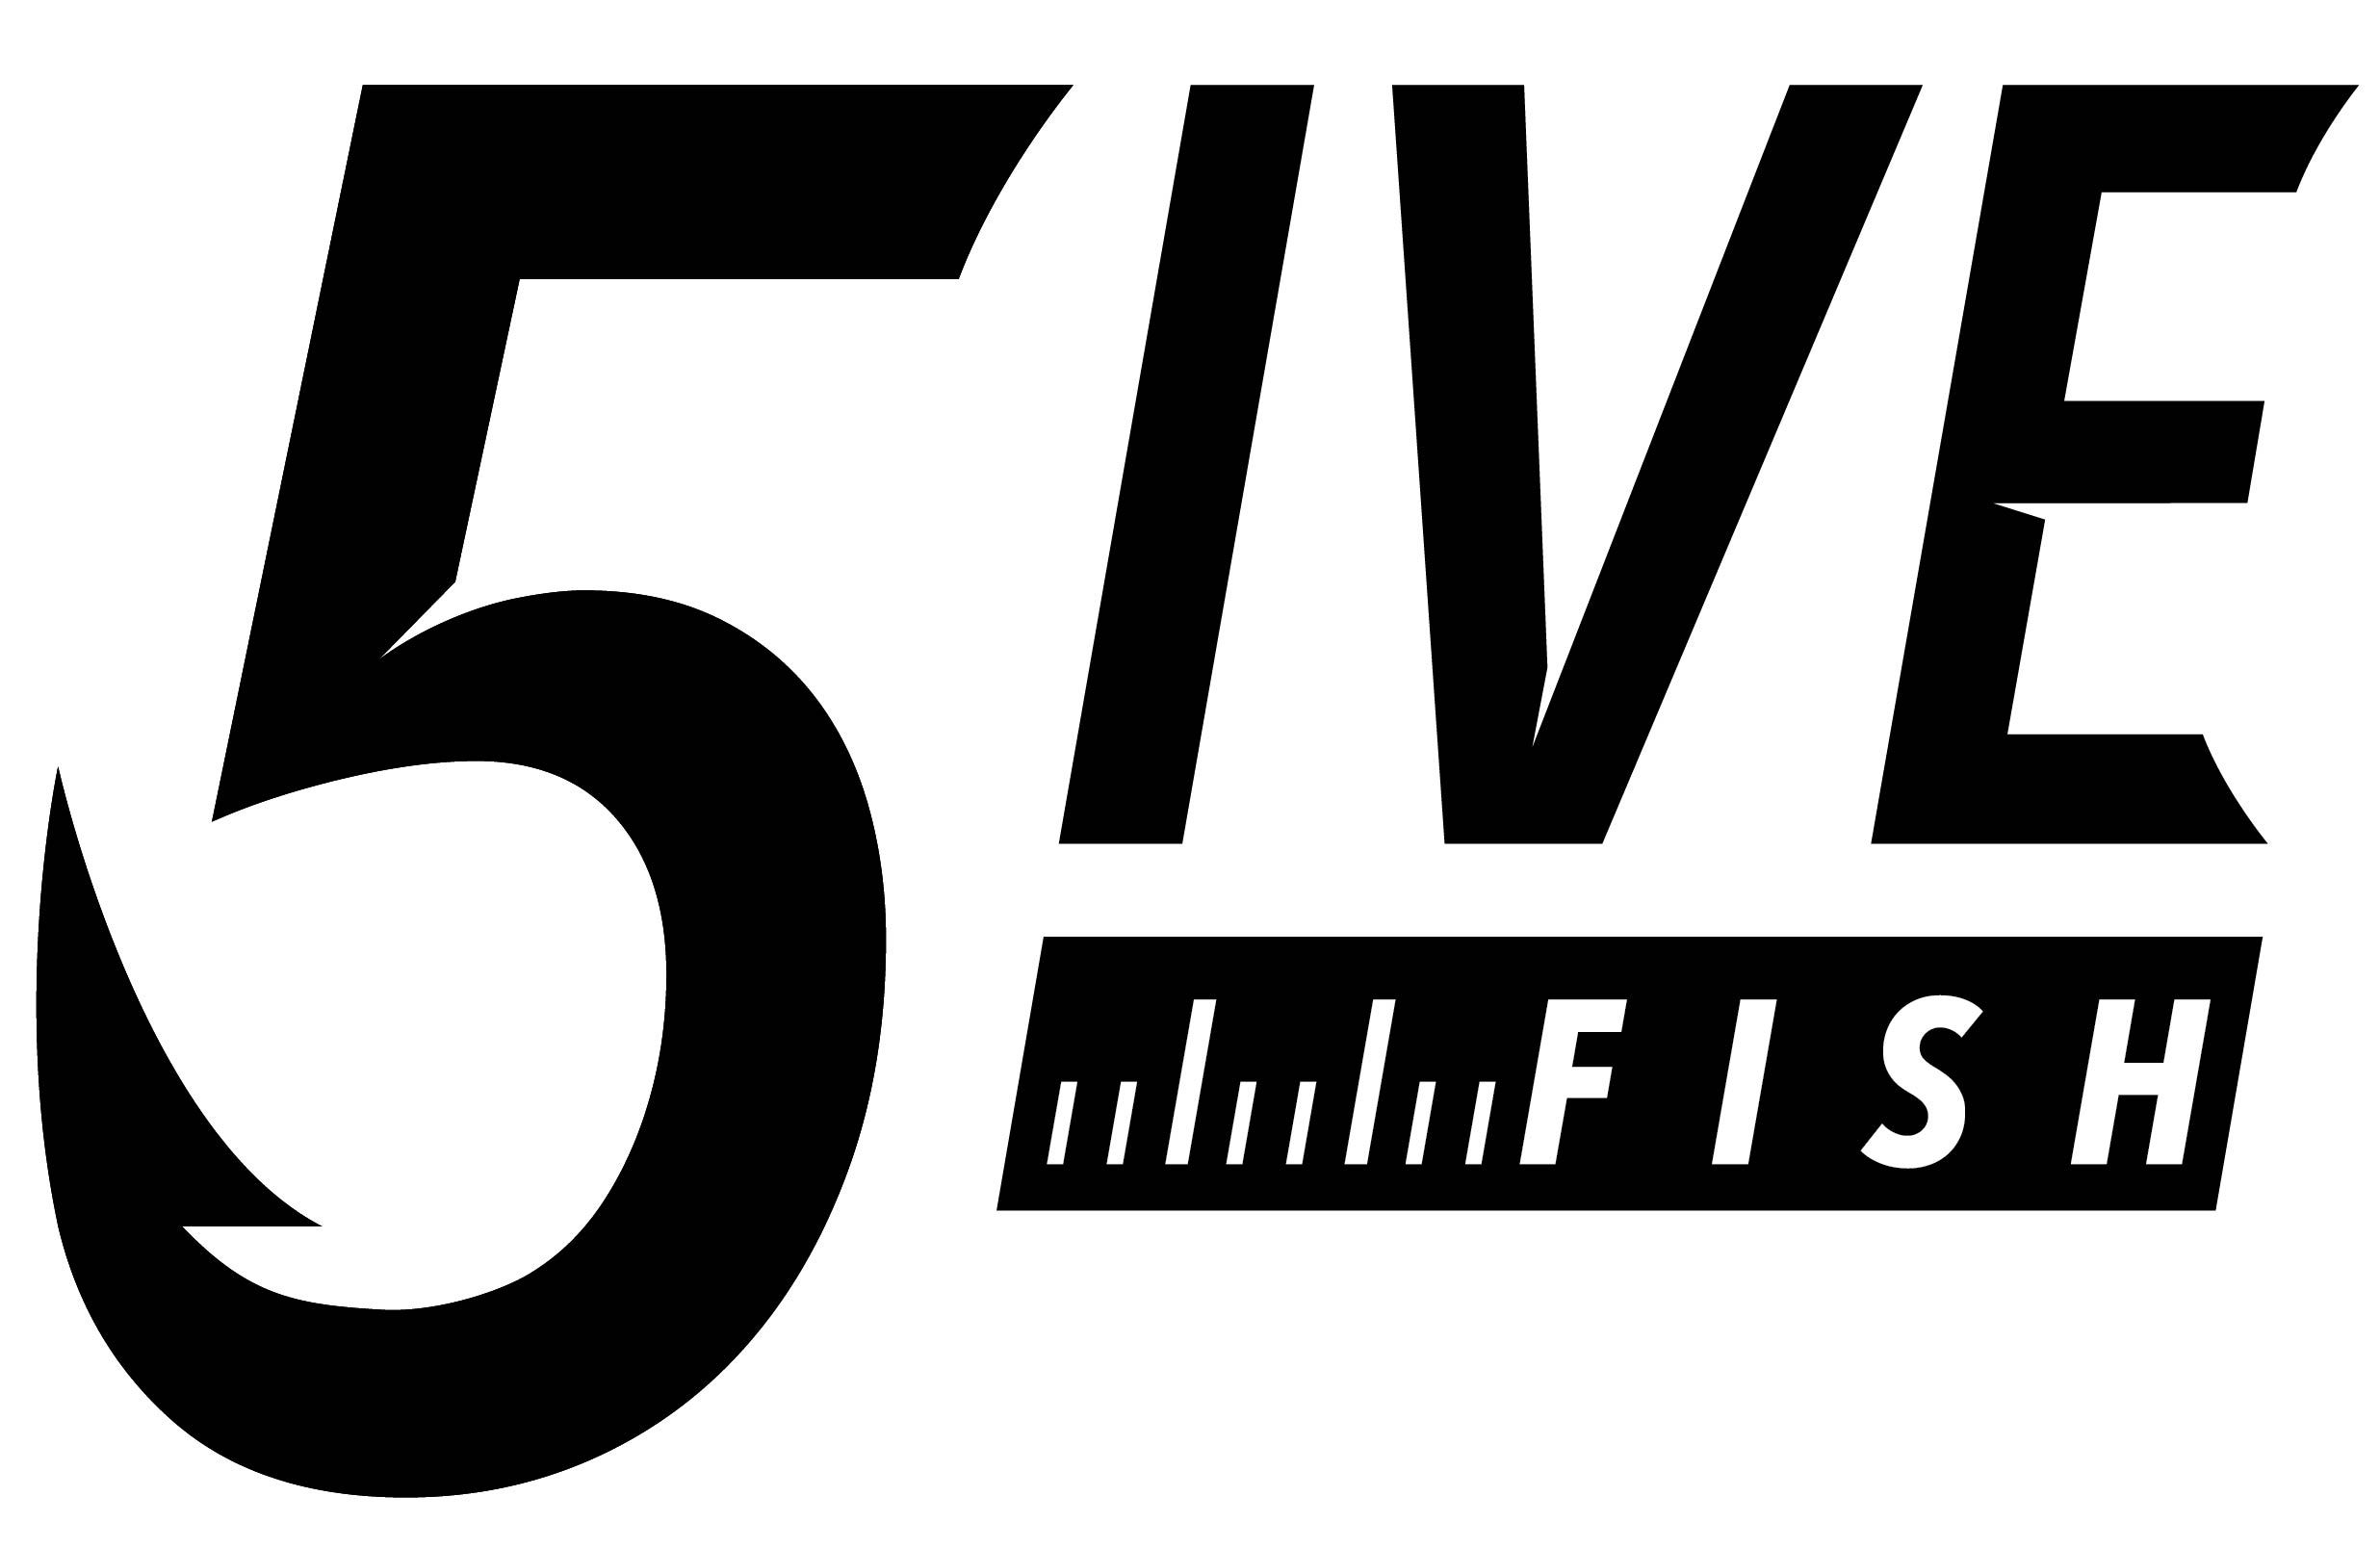 5 Fish Lures logo